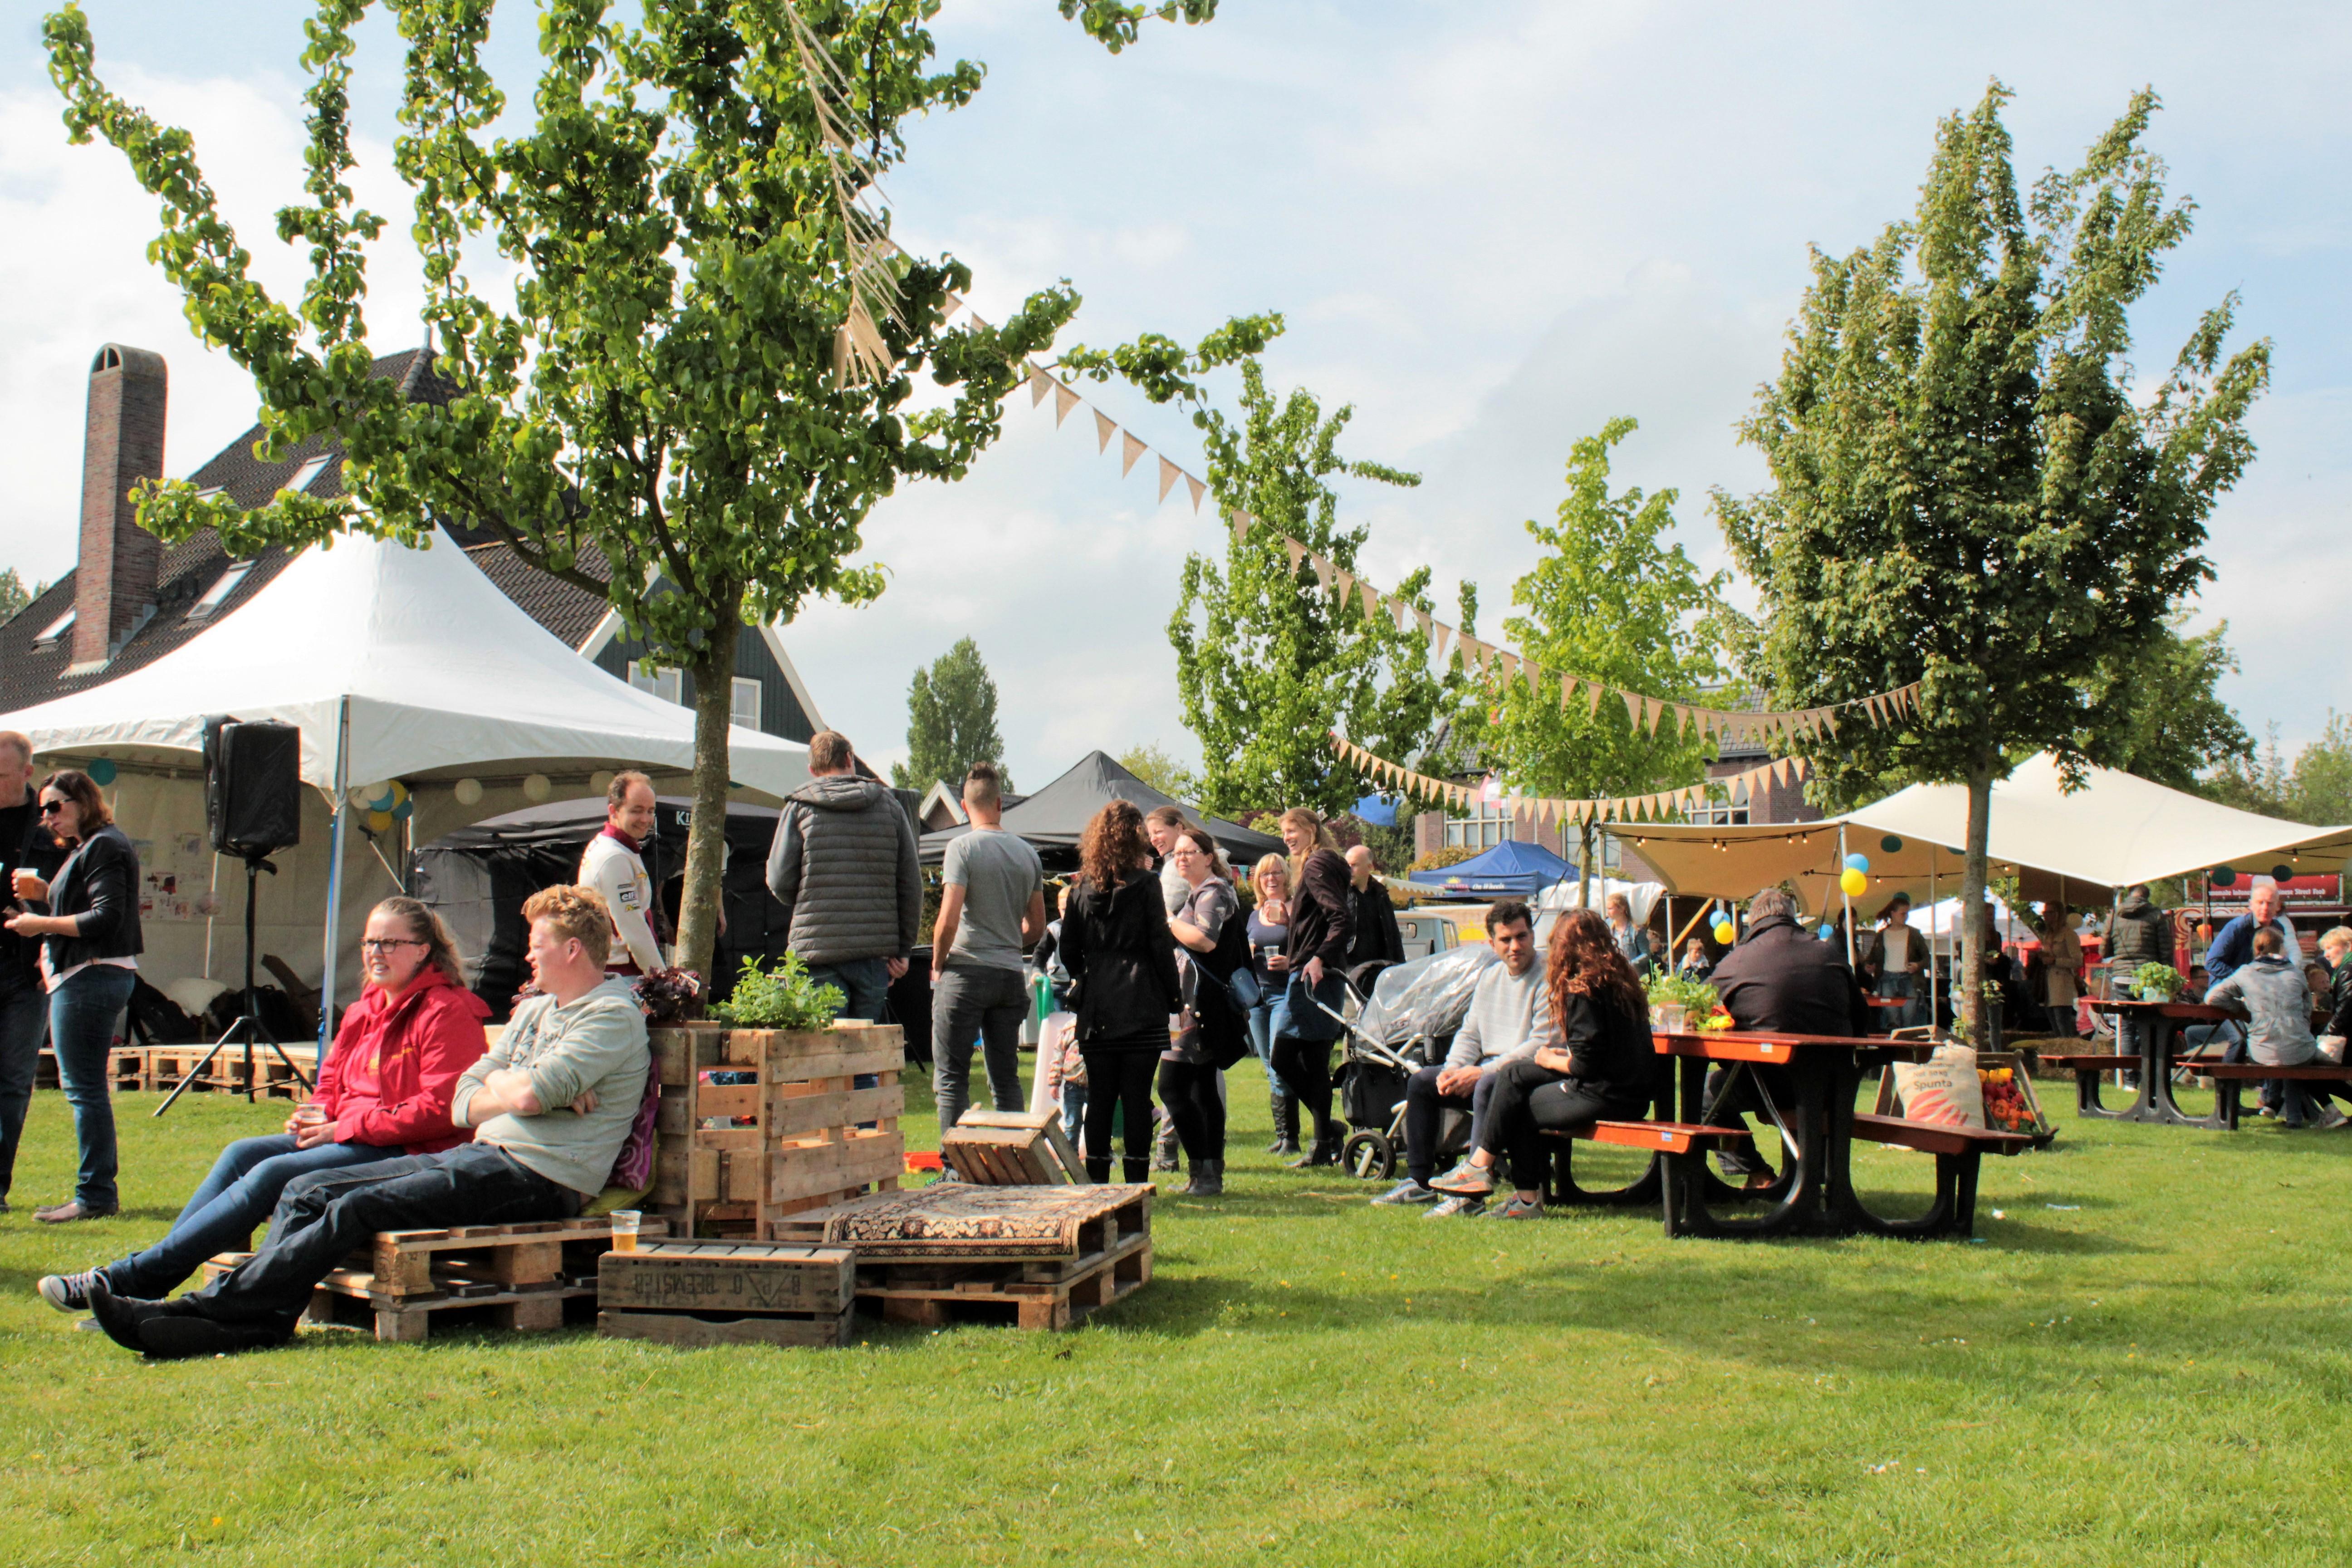 Organisatoren en broer en zus Ron Laan en Paula Kenter-Laan kijken uit naar de tweede editie van het Food Festival in Venhuizen. (Foto: Fred Homan) rodi.nl © rodi